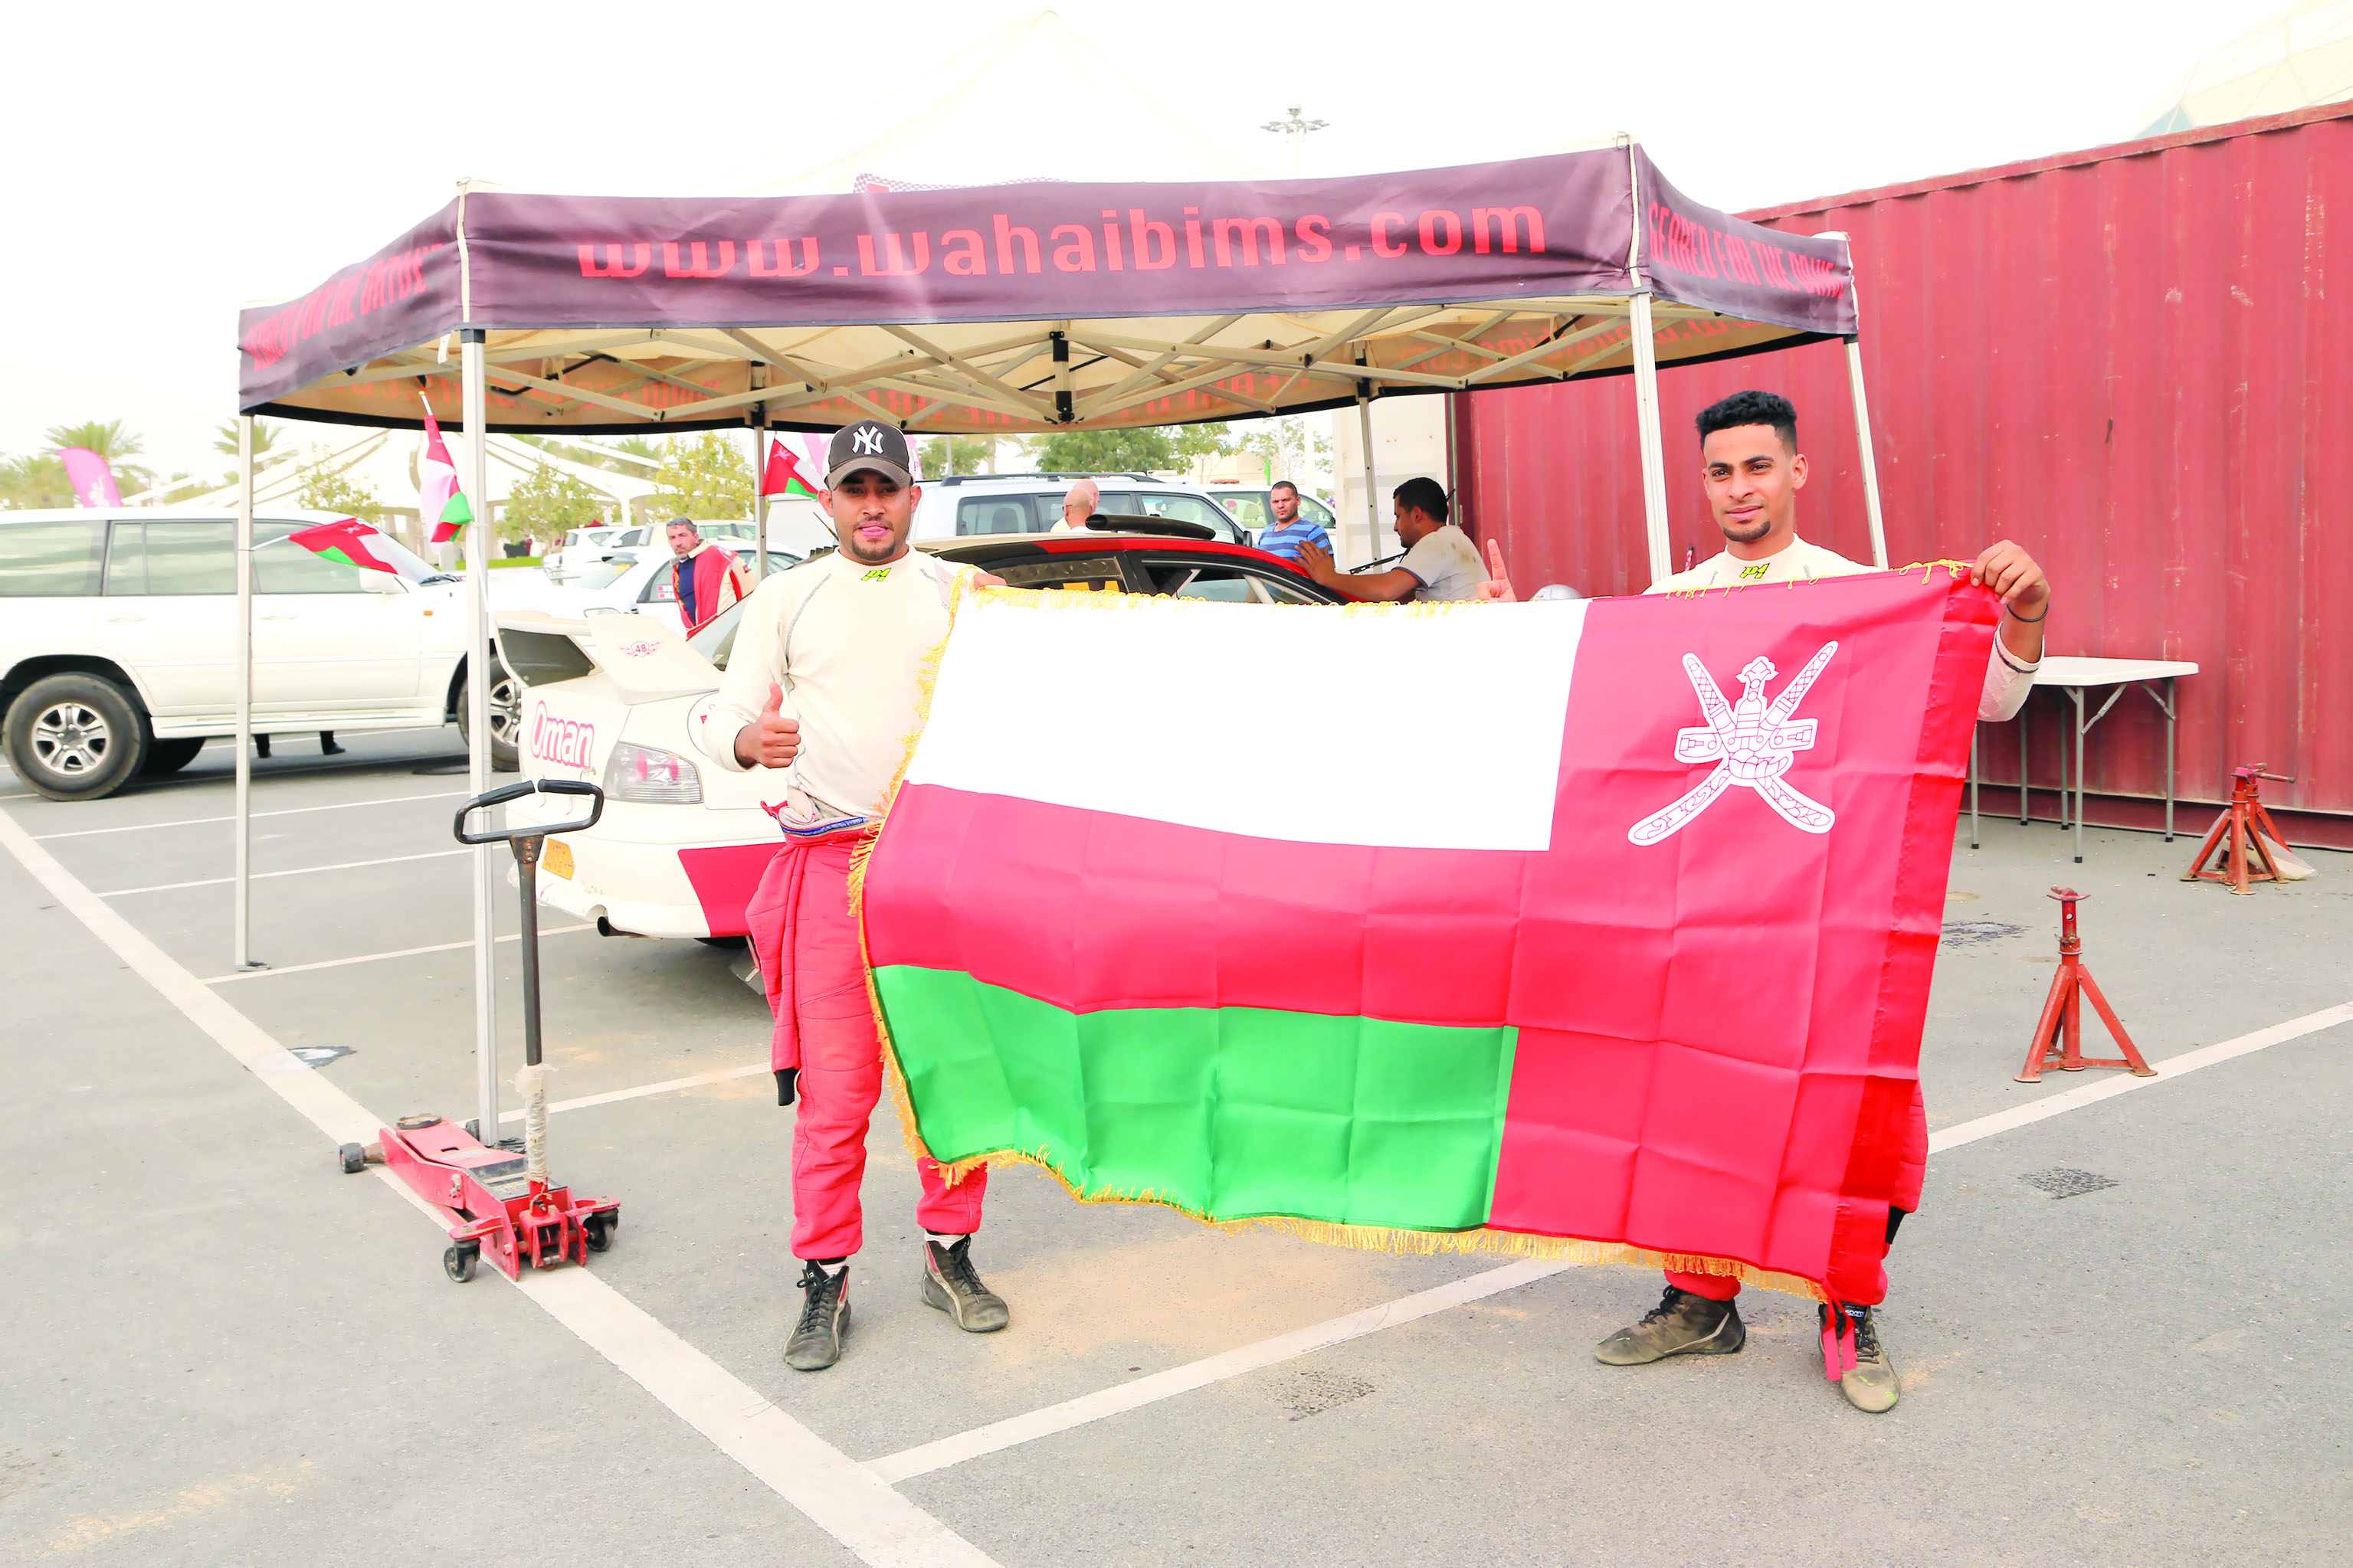 جراح الطوقي أولا في المحلي وناصر العطية في الدولي في رالي قطر الدولي